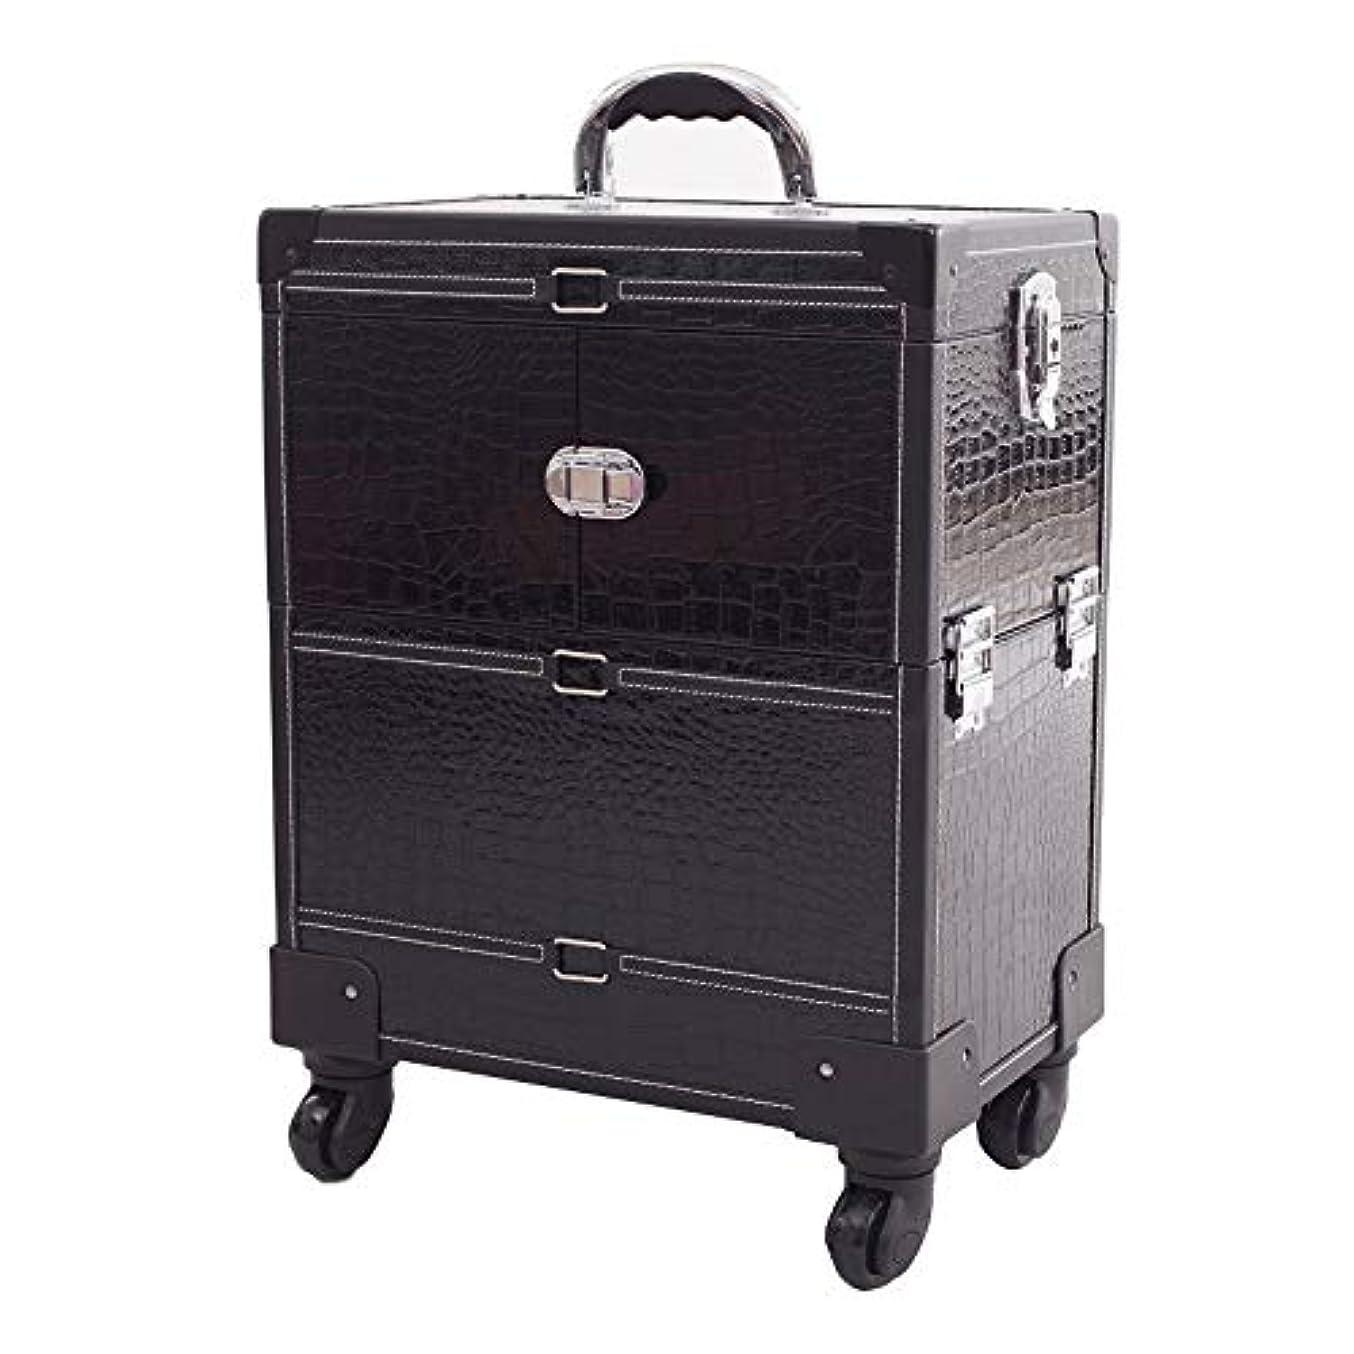 ノーブルスモッグしかしながらYWAWJ 旅行ボックス4ホイール美容ブラッククロコダイル柄ローリングメイクアップアーティストケースロック可能なトロリー化粧品オーガナイザー